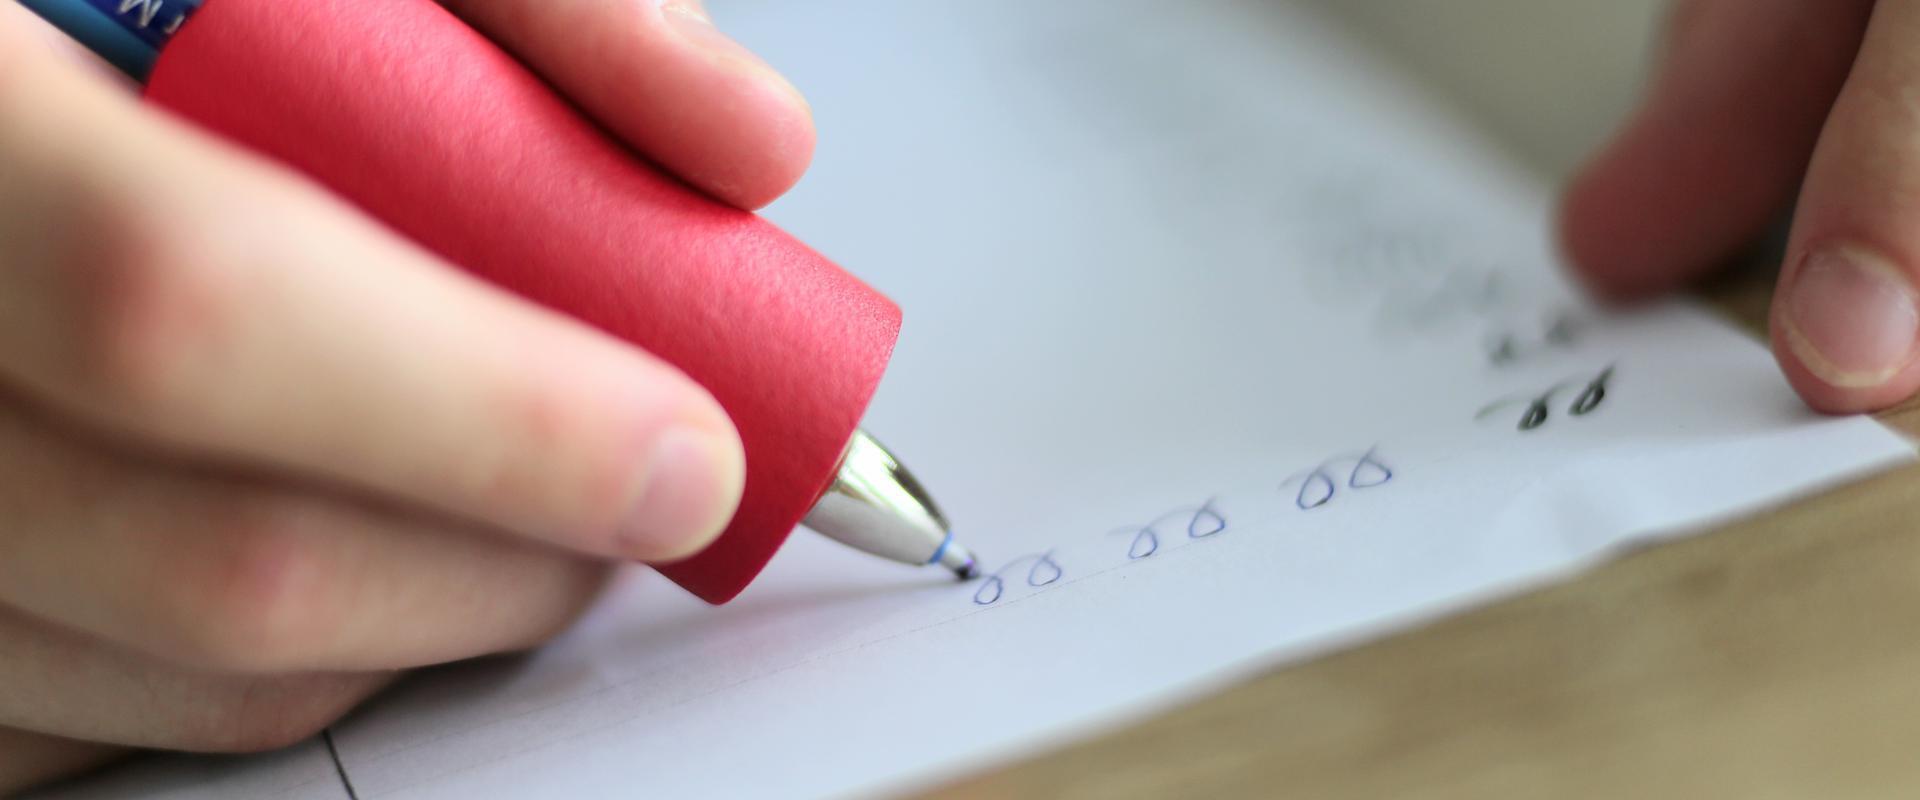 Nahaufnahme einer Hand die etwas auf ein Blatt Papier schreibt in der MEDIAN Kinder- und Jugendklinik Beelitz